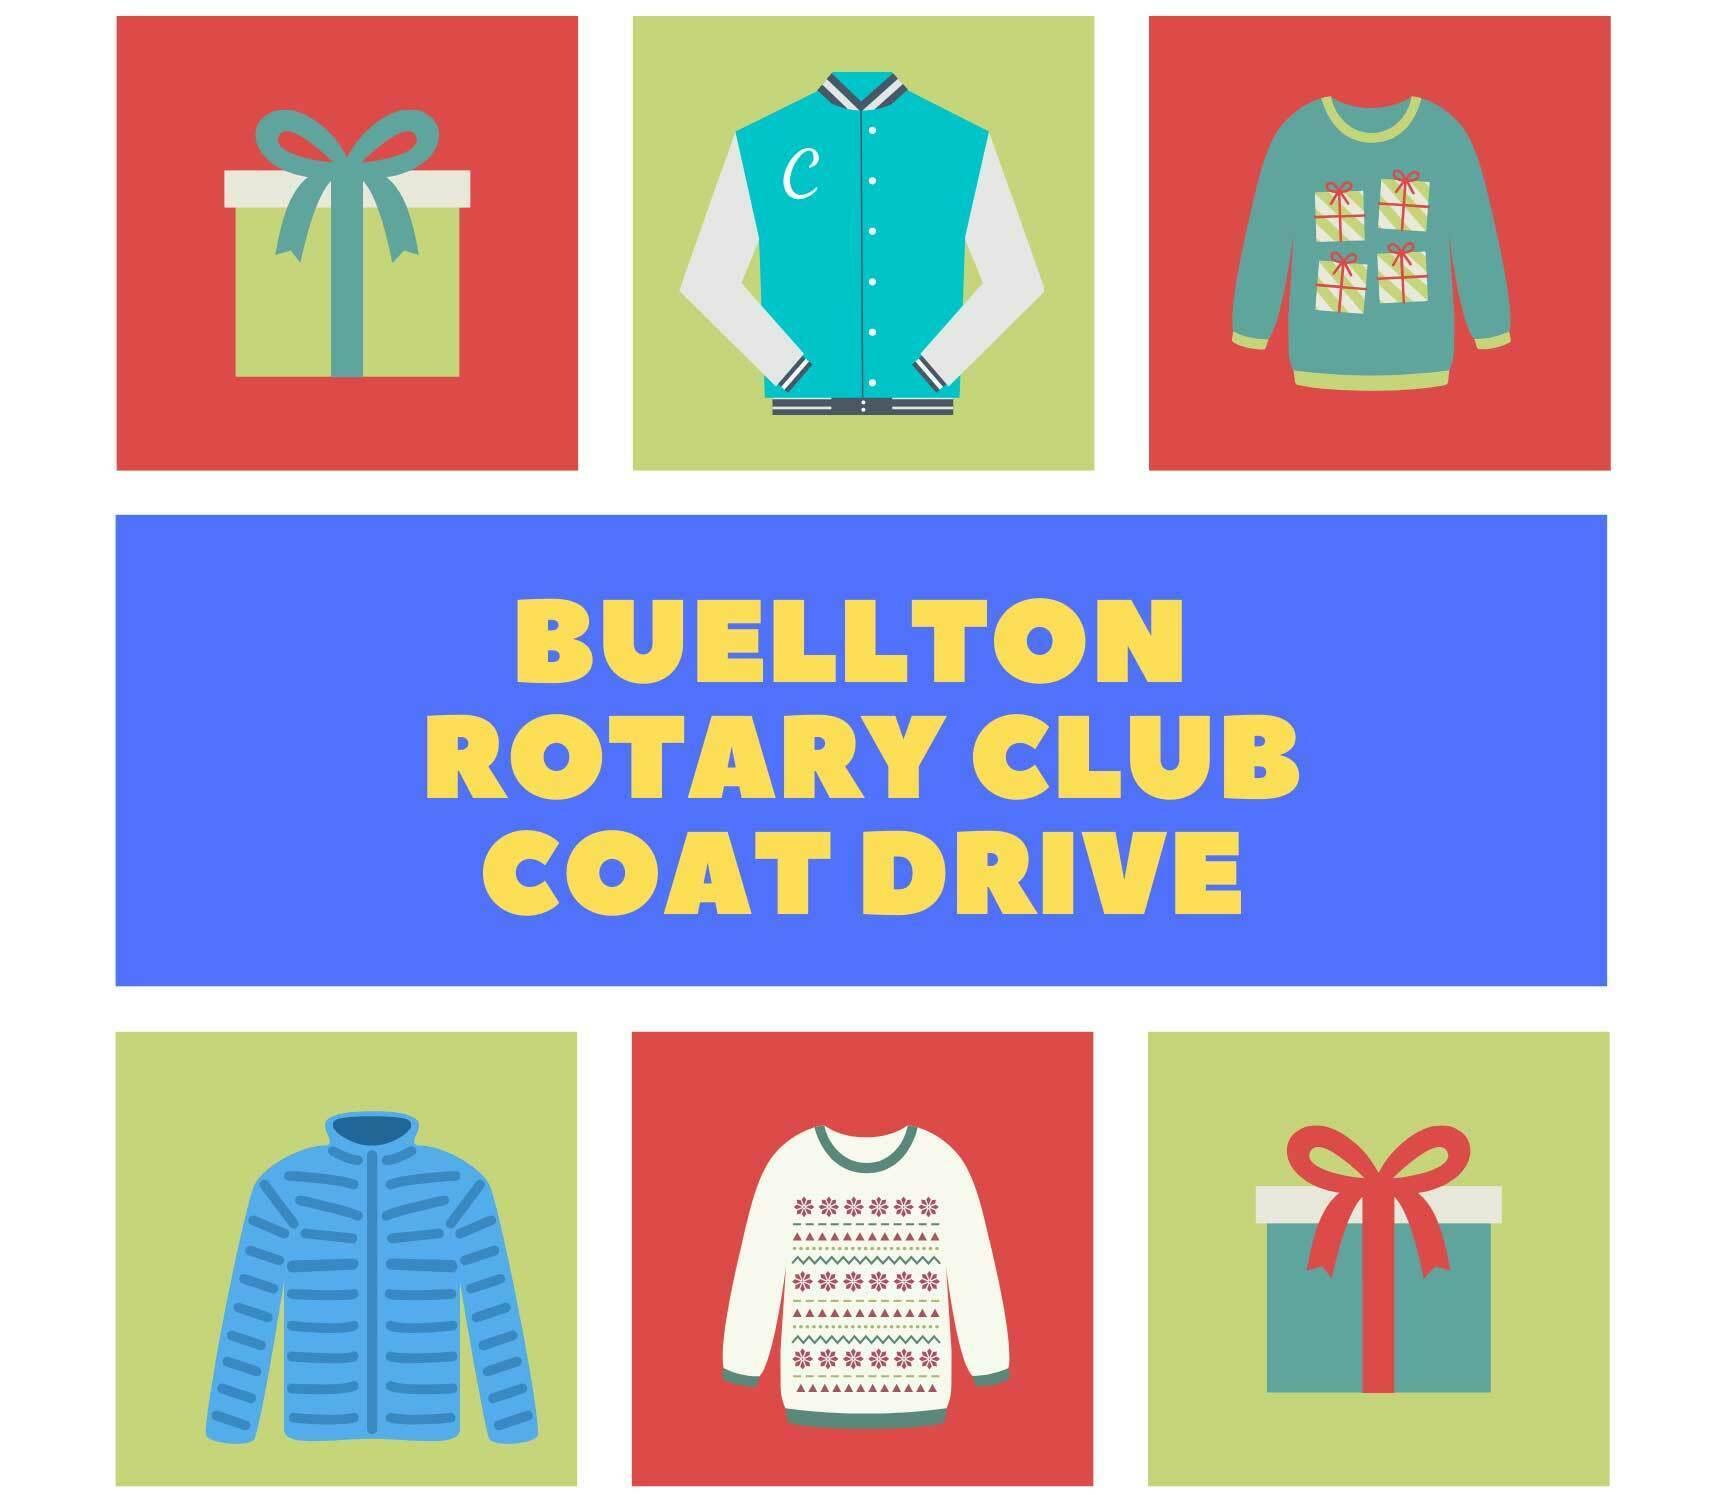 Buellton-Rotary-Coat-Drive